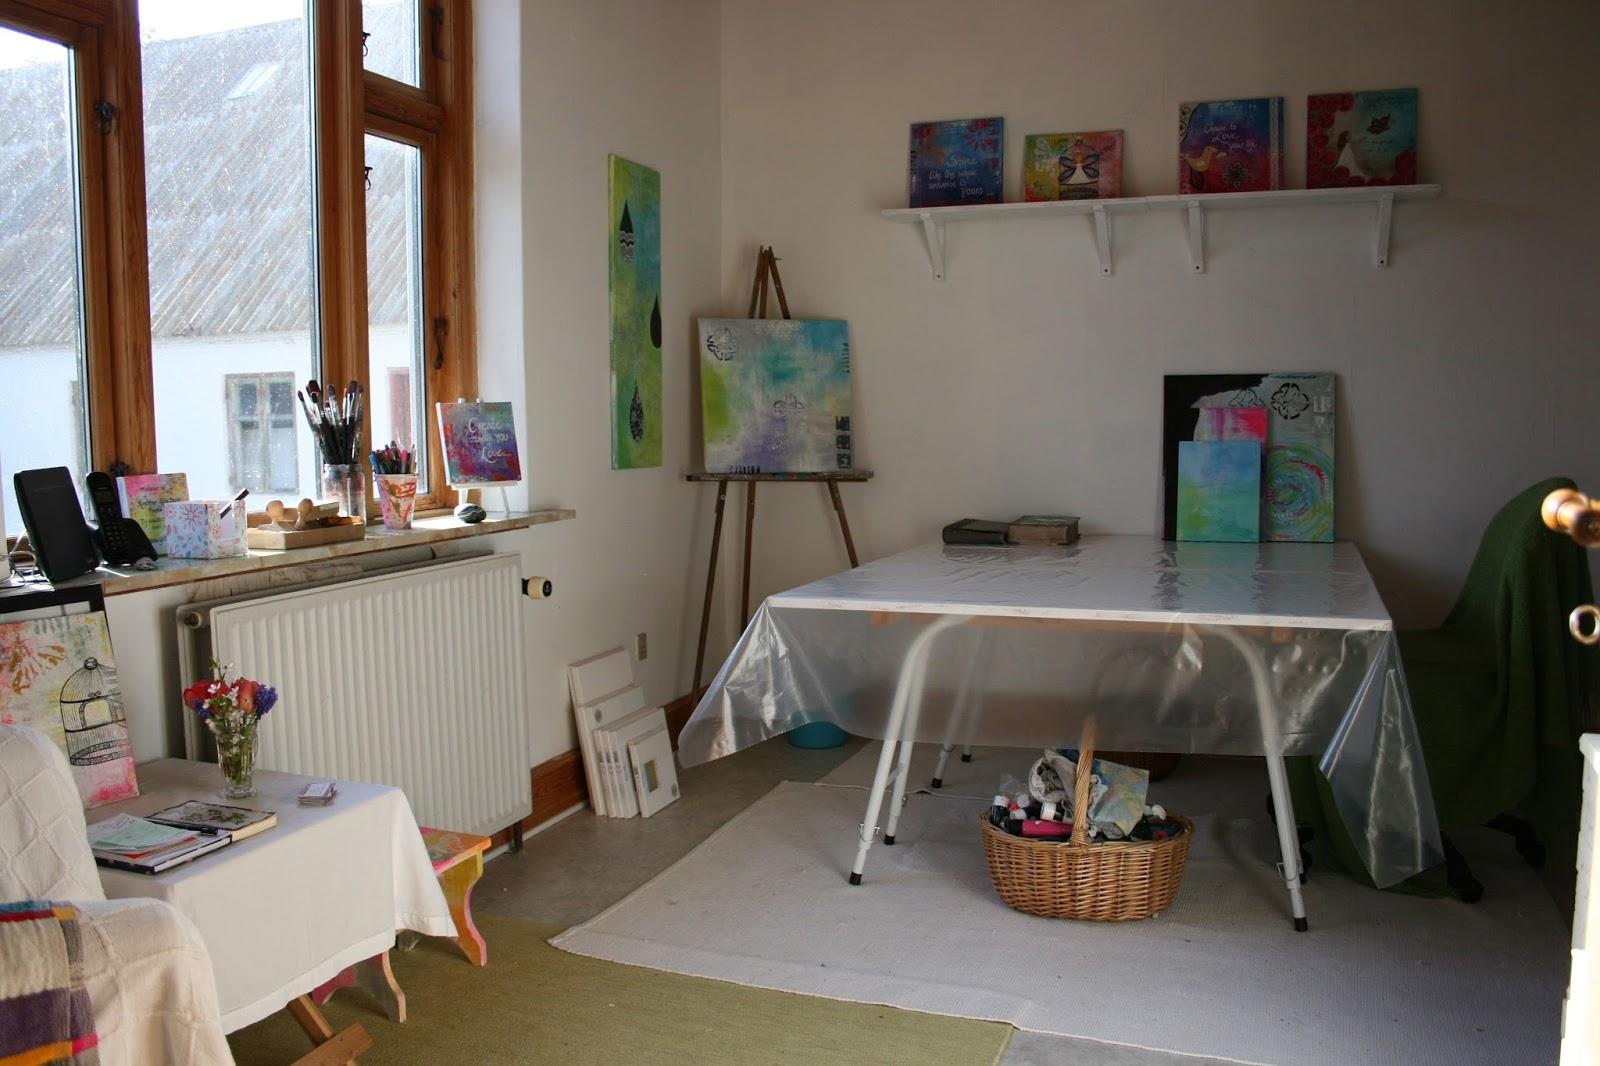 #644732 Dette års Gitte Barlev: Oprydning I Arbejdsrum Og En Gør Det Selv Galleri Reol : ) Gør Det Selv Reol Mdf 5971 160010665971